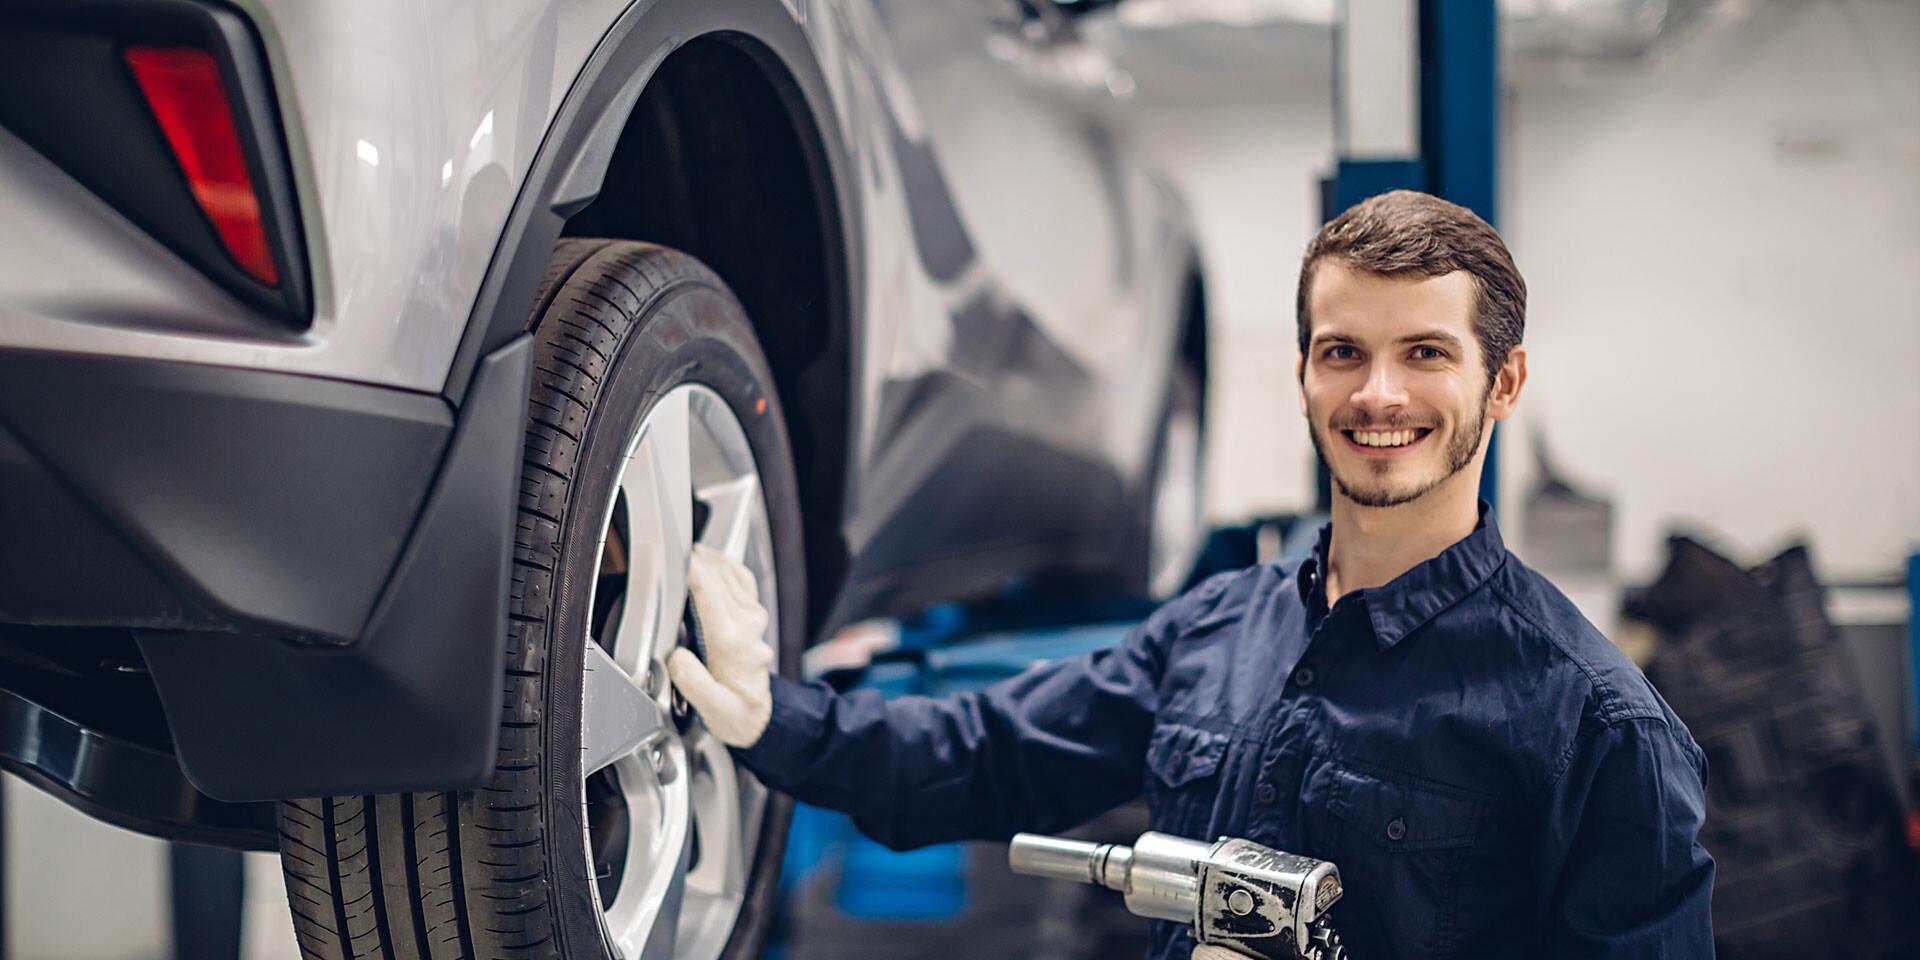 Pripravte sa na sezónu už teraz - kompletné prezutie vozidla s vyvážením pneumatík